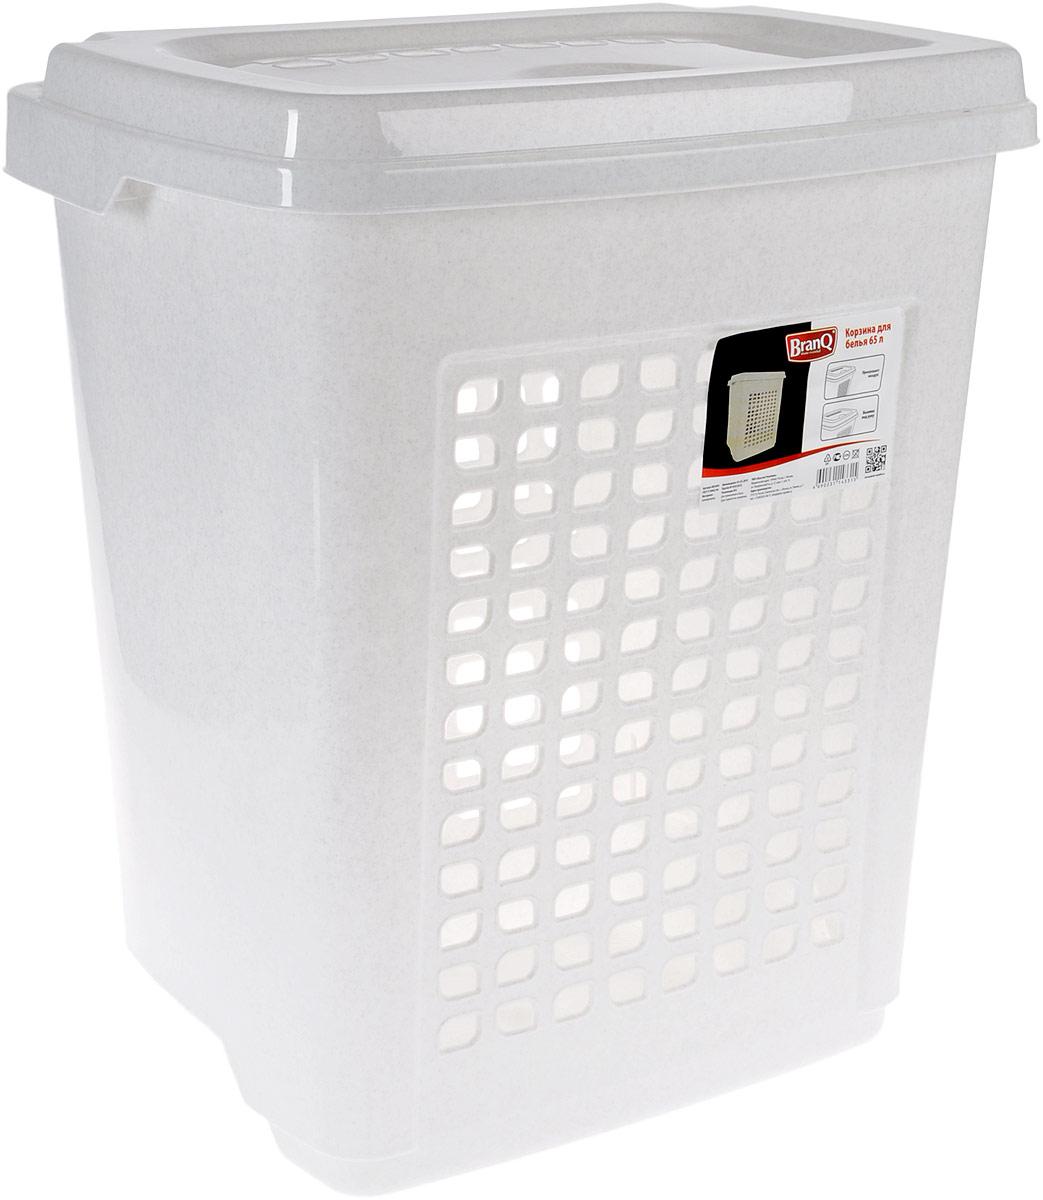 Корзина для белья BranQ, цвет: мраморный, 65 л68/5/3Корзина для белья BranQ изготовлена из прочного пластика и оформлена перфорированными отверстиями, благодаря которым обеспечивается естественная вентиляция. Корзина оснащена крышкой, на которой имеется выемка для удобного открывания. Такая корзина для белья прекрасно впишется в интерьер ванной комнаты.